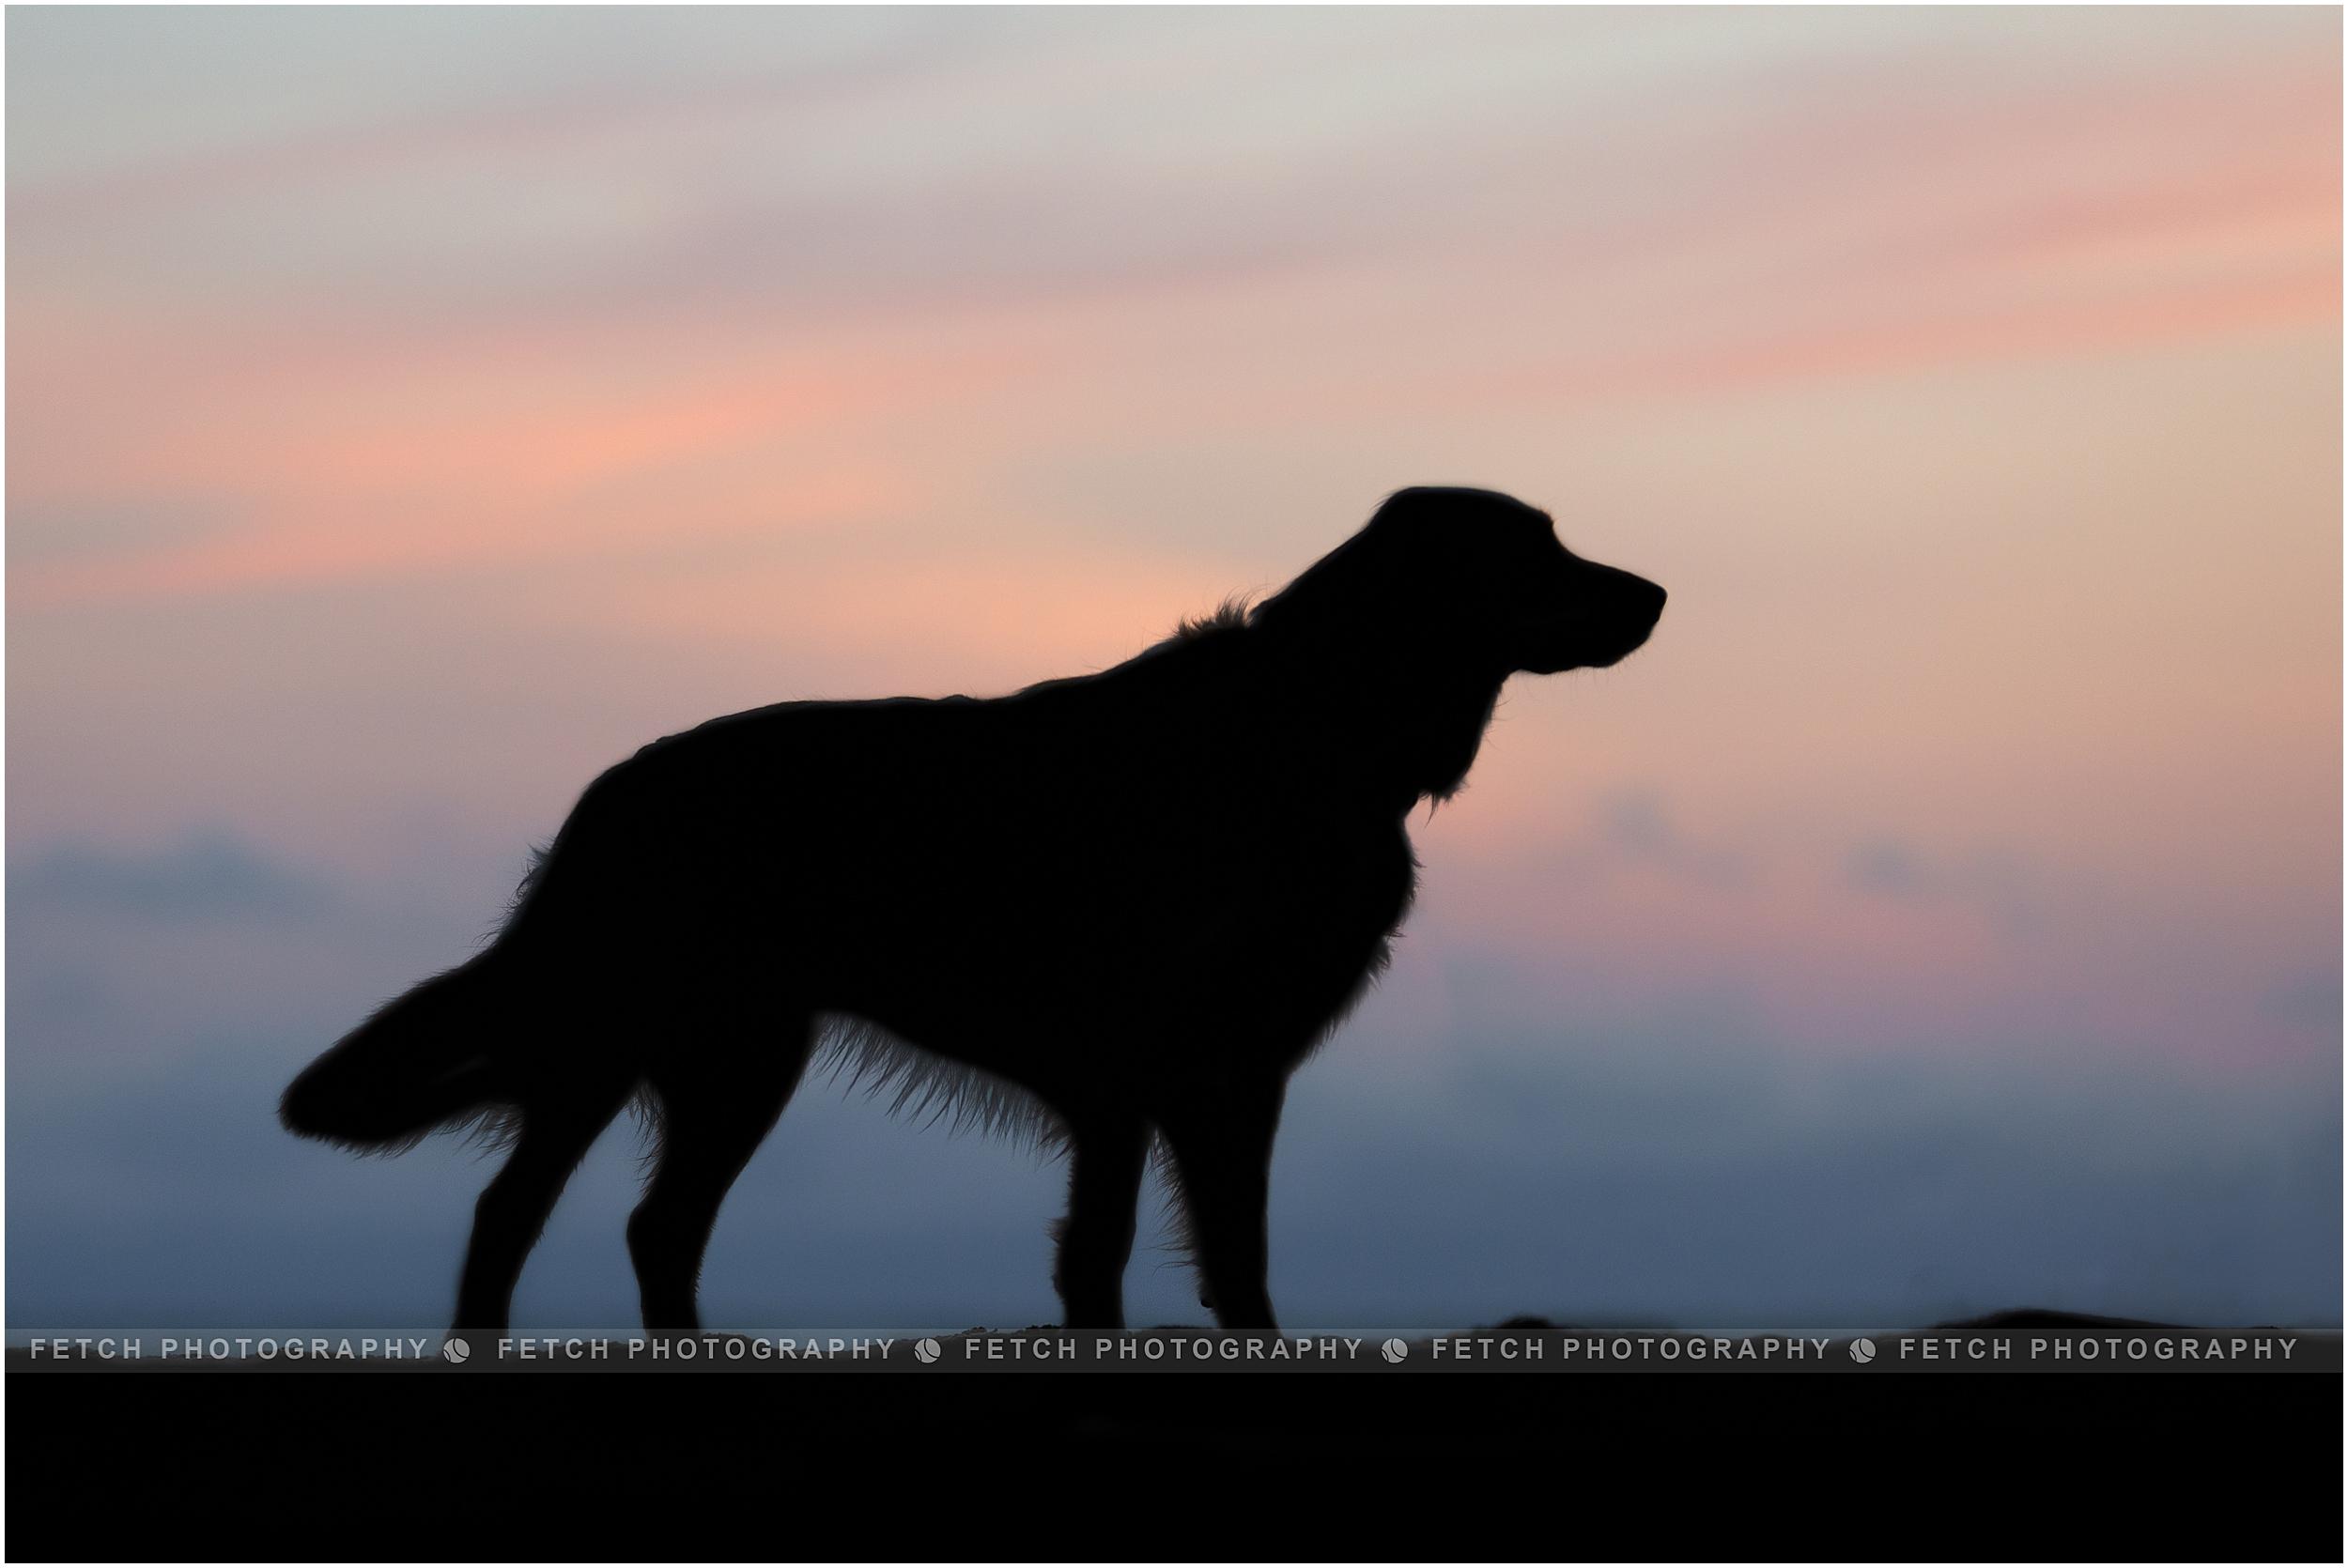 beach-dog-silhouette